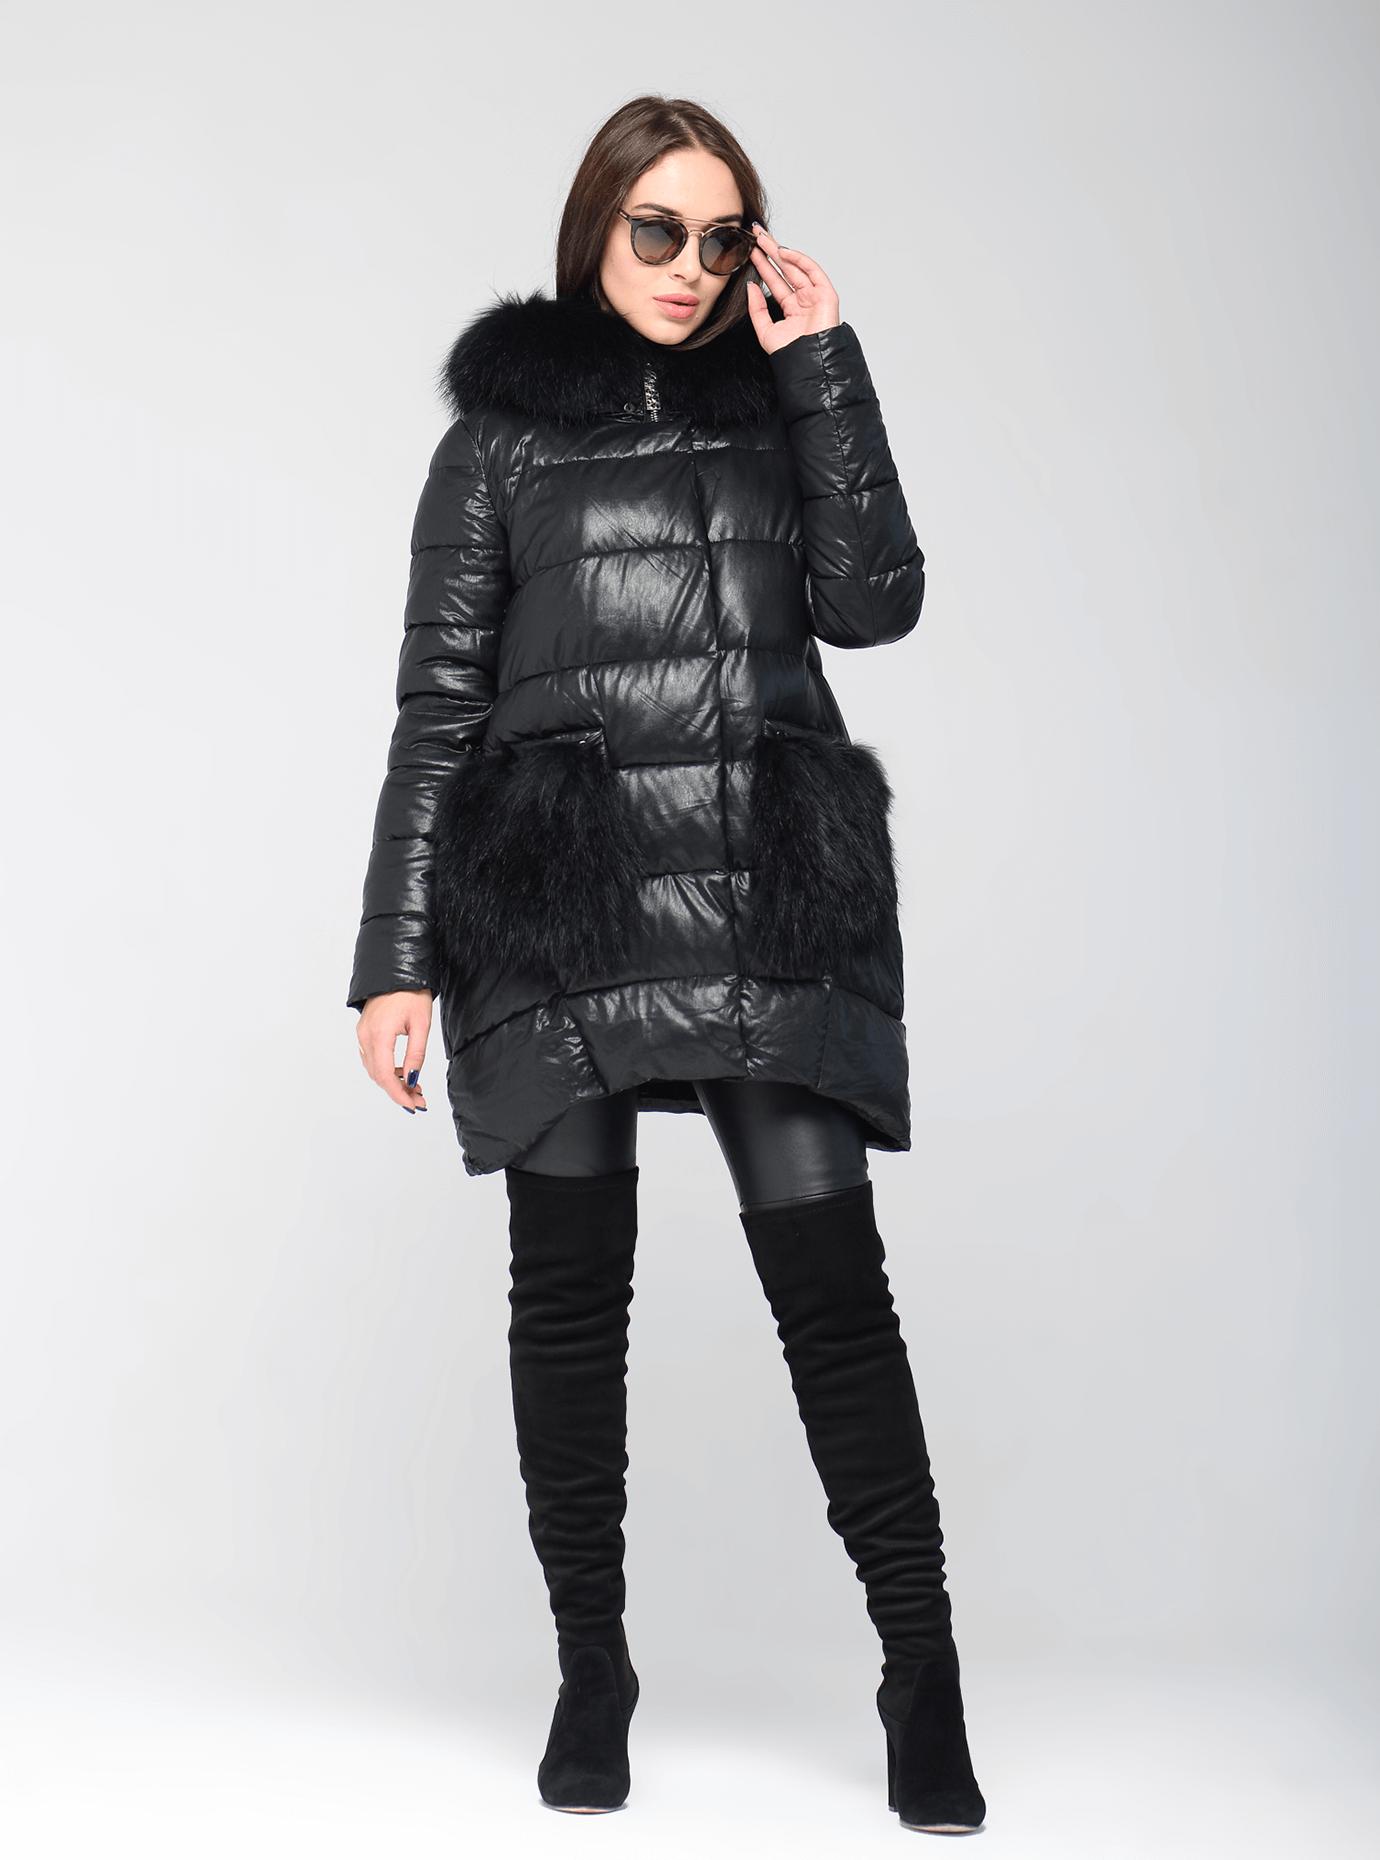 Зимняя куртка средней длины с мехом енота Чёрный S (05-ZL2572): фото - Alster.ua